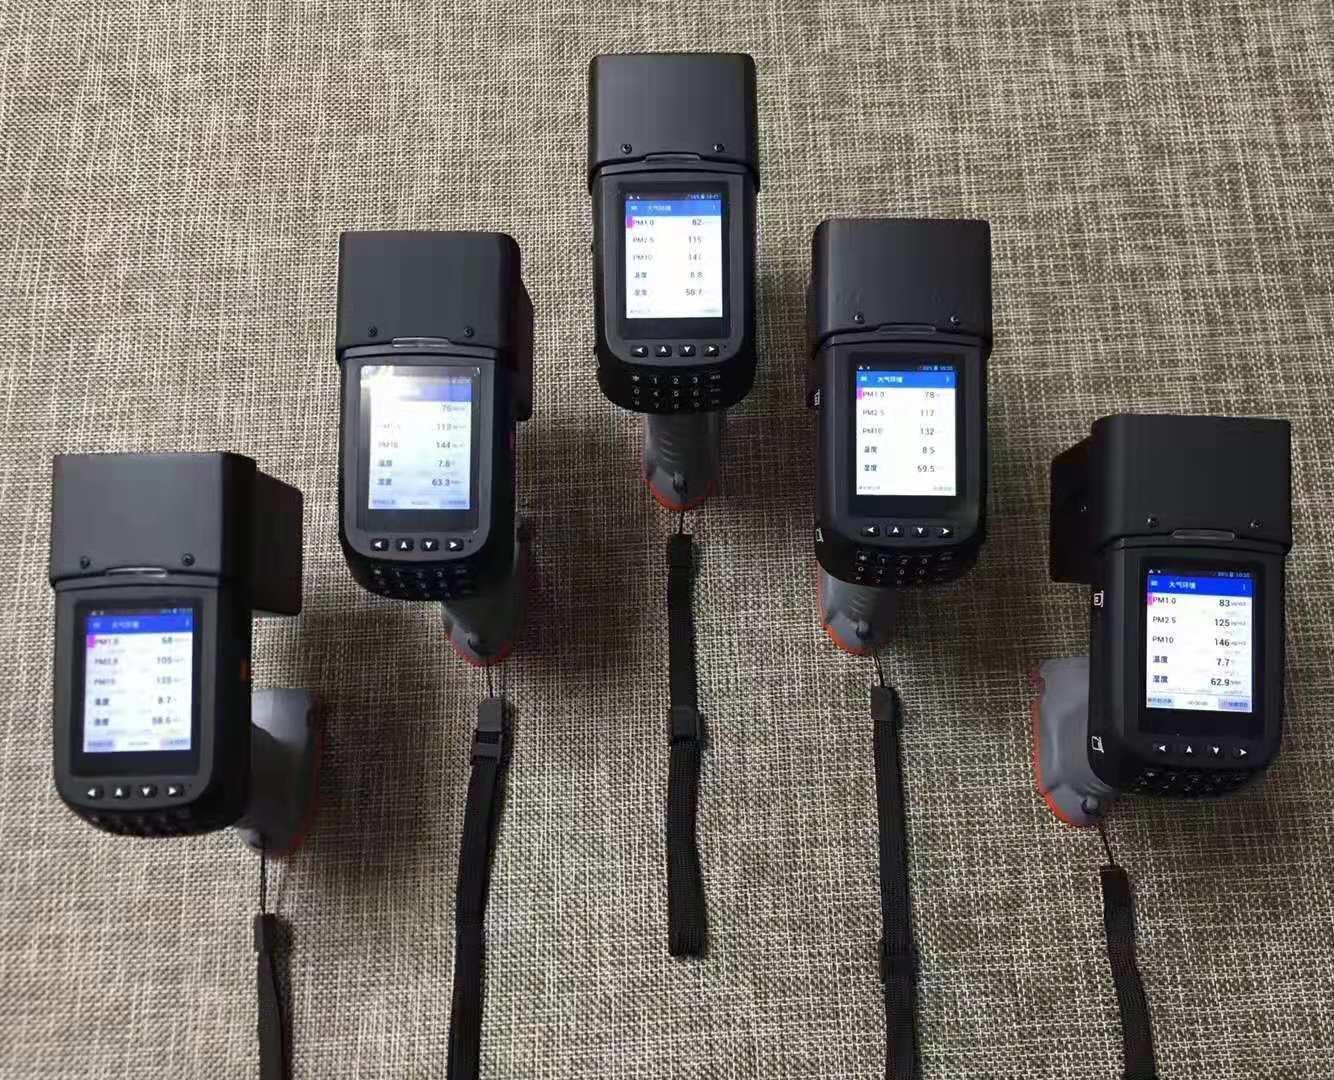 气体检测仪应用于酒水生产行业气体监测解决方案